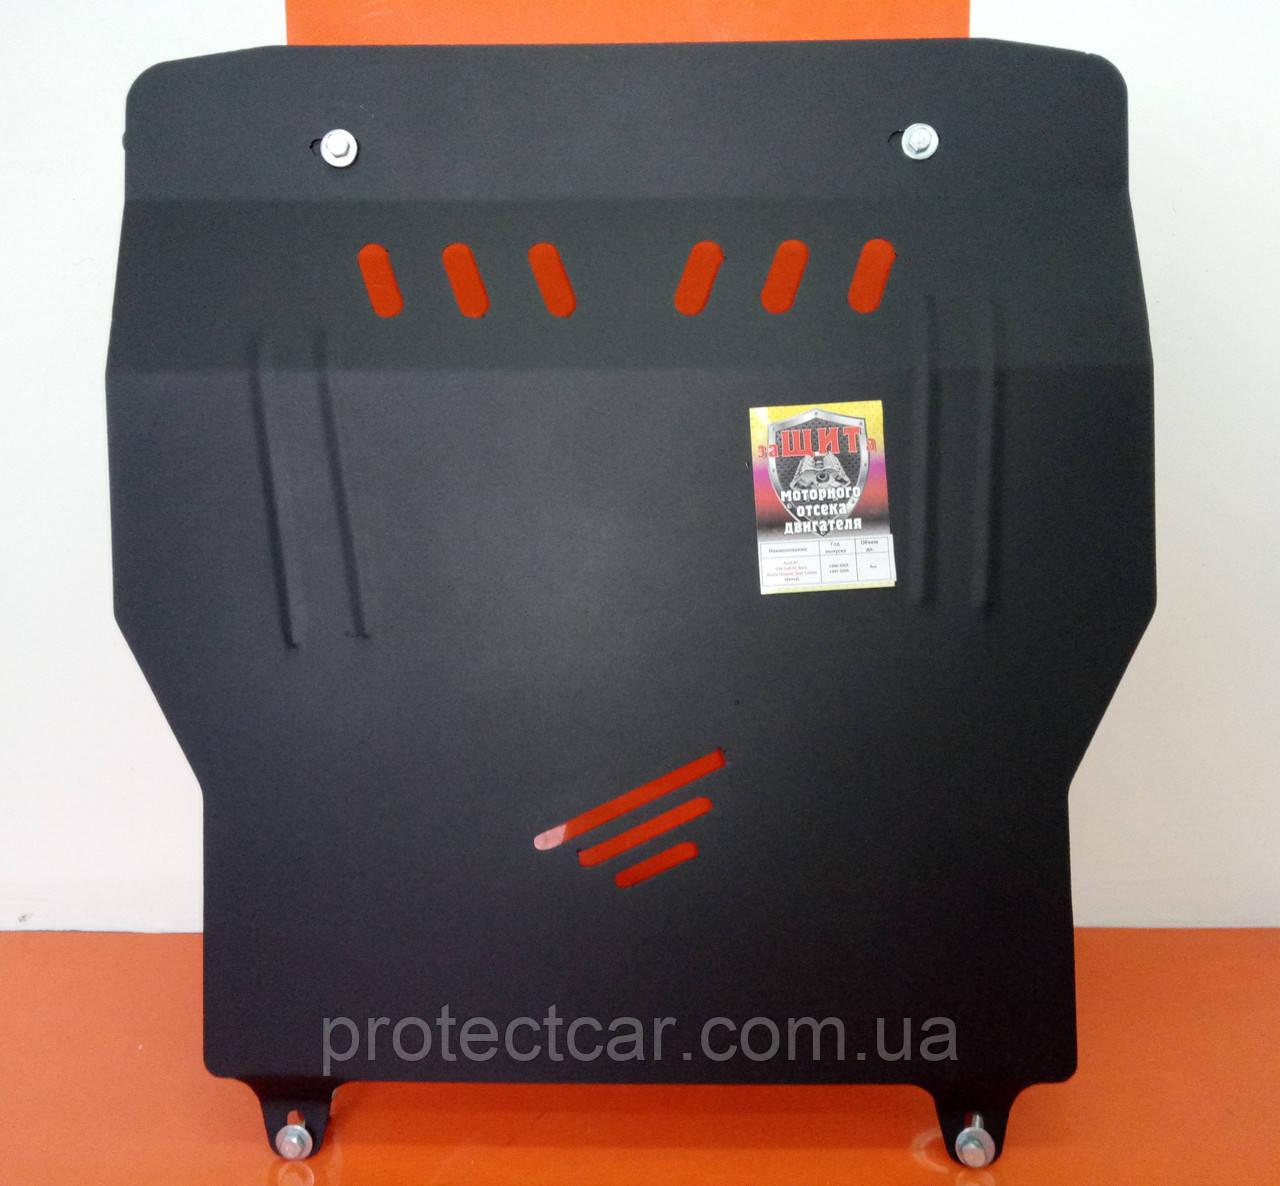 Защита двигателя GOLF 4 (1997-2004) Гольф 4